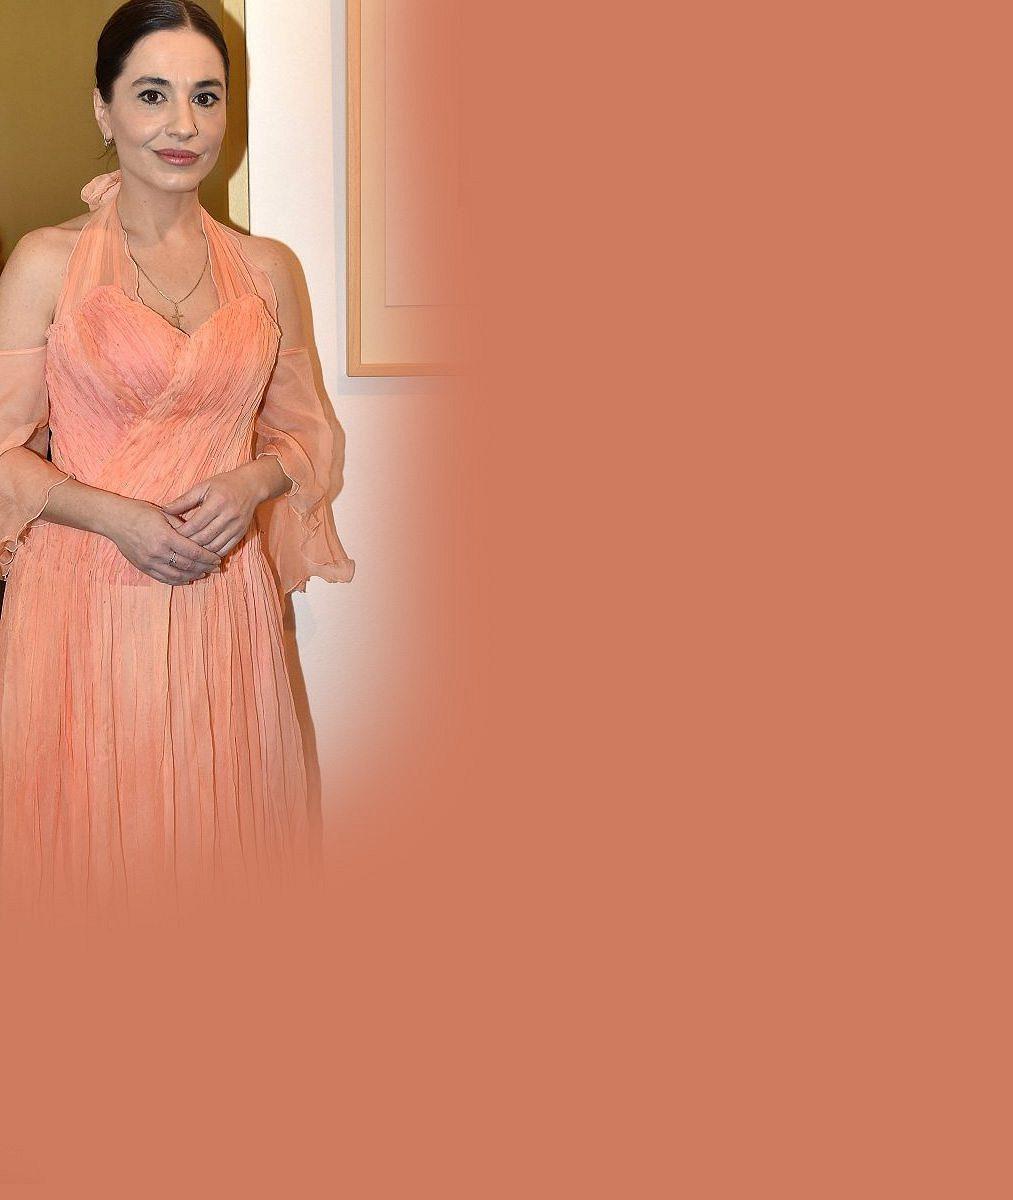 Takhle princeznu Jasněnku neznáte: Michaela Kuklová (50) se pochlubila skvělou figurou v plavkách!